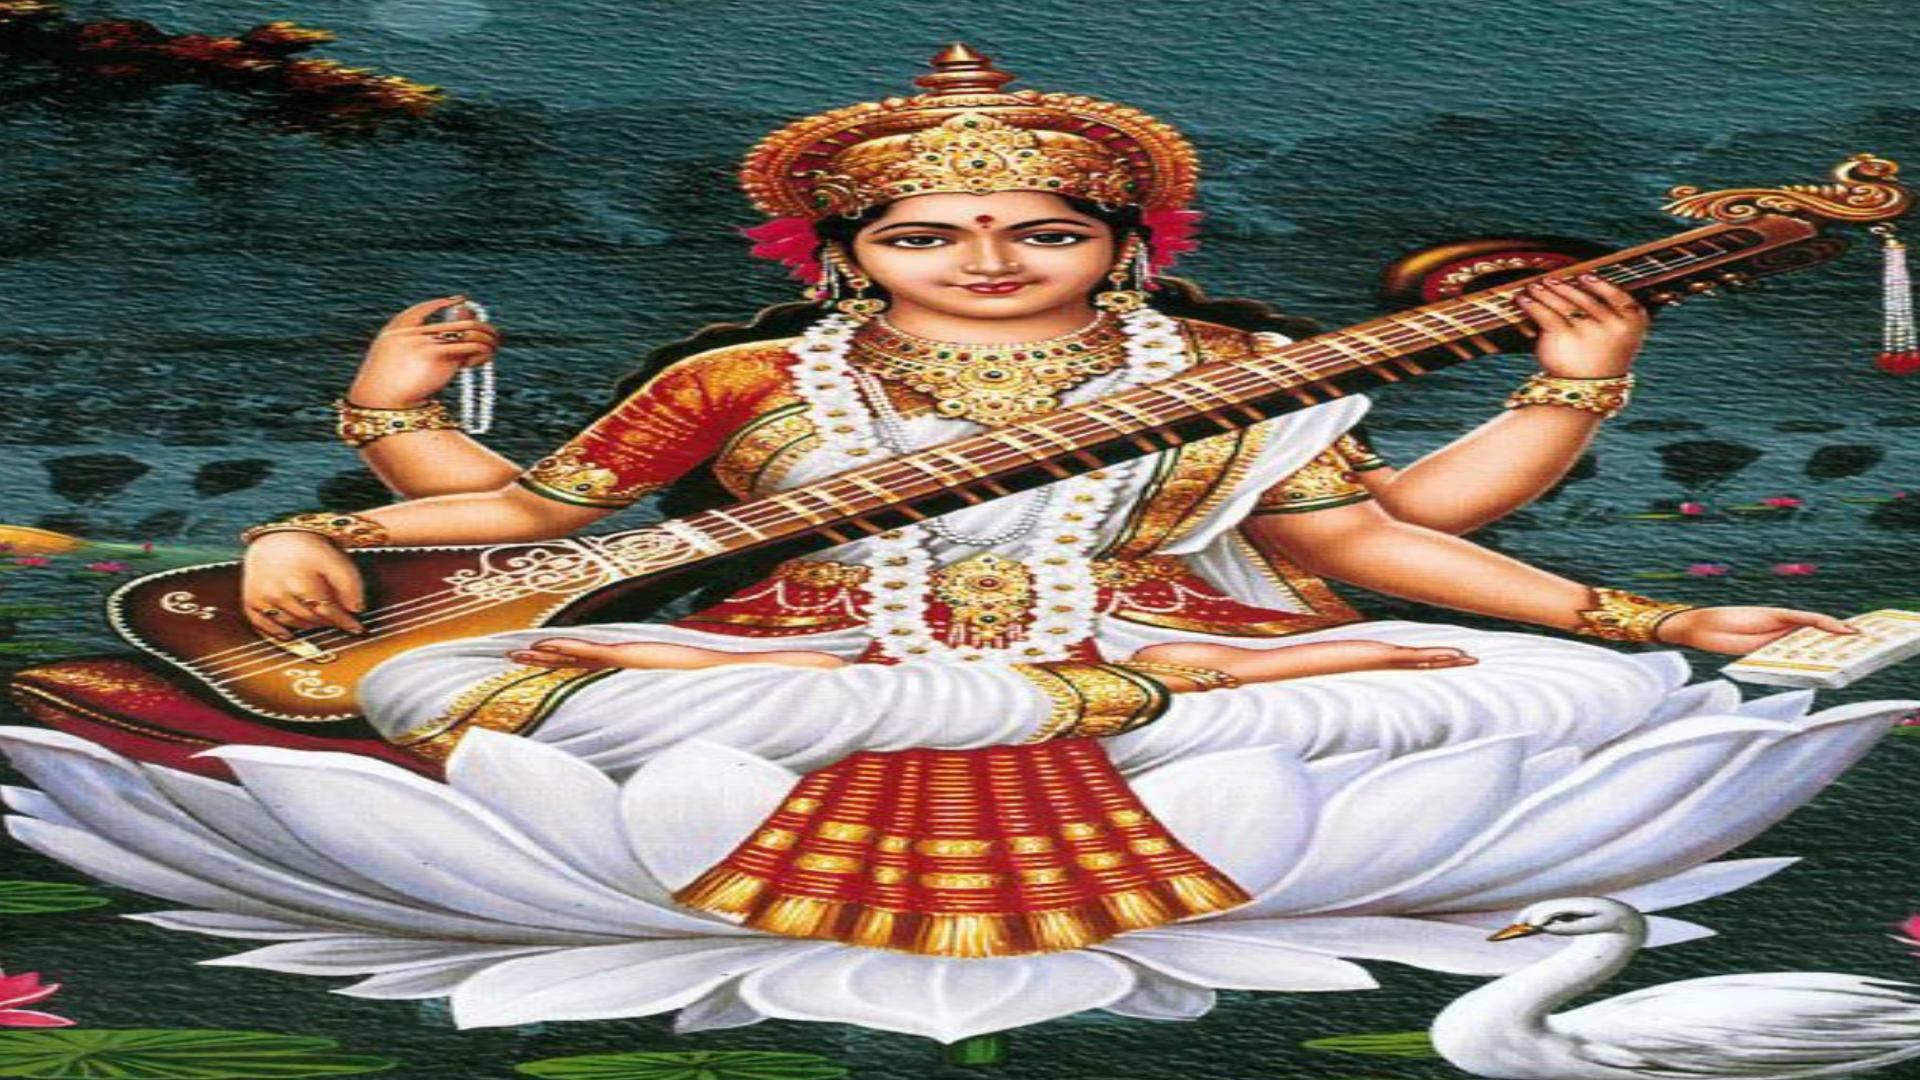 Basant panchami in hindi - बसंत पंचमी कब और क्यों मनाई जाती है